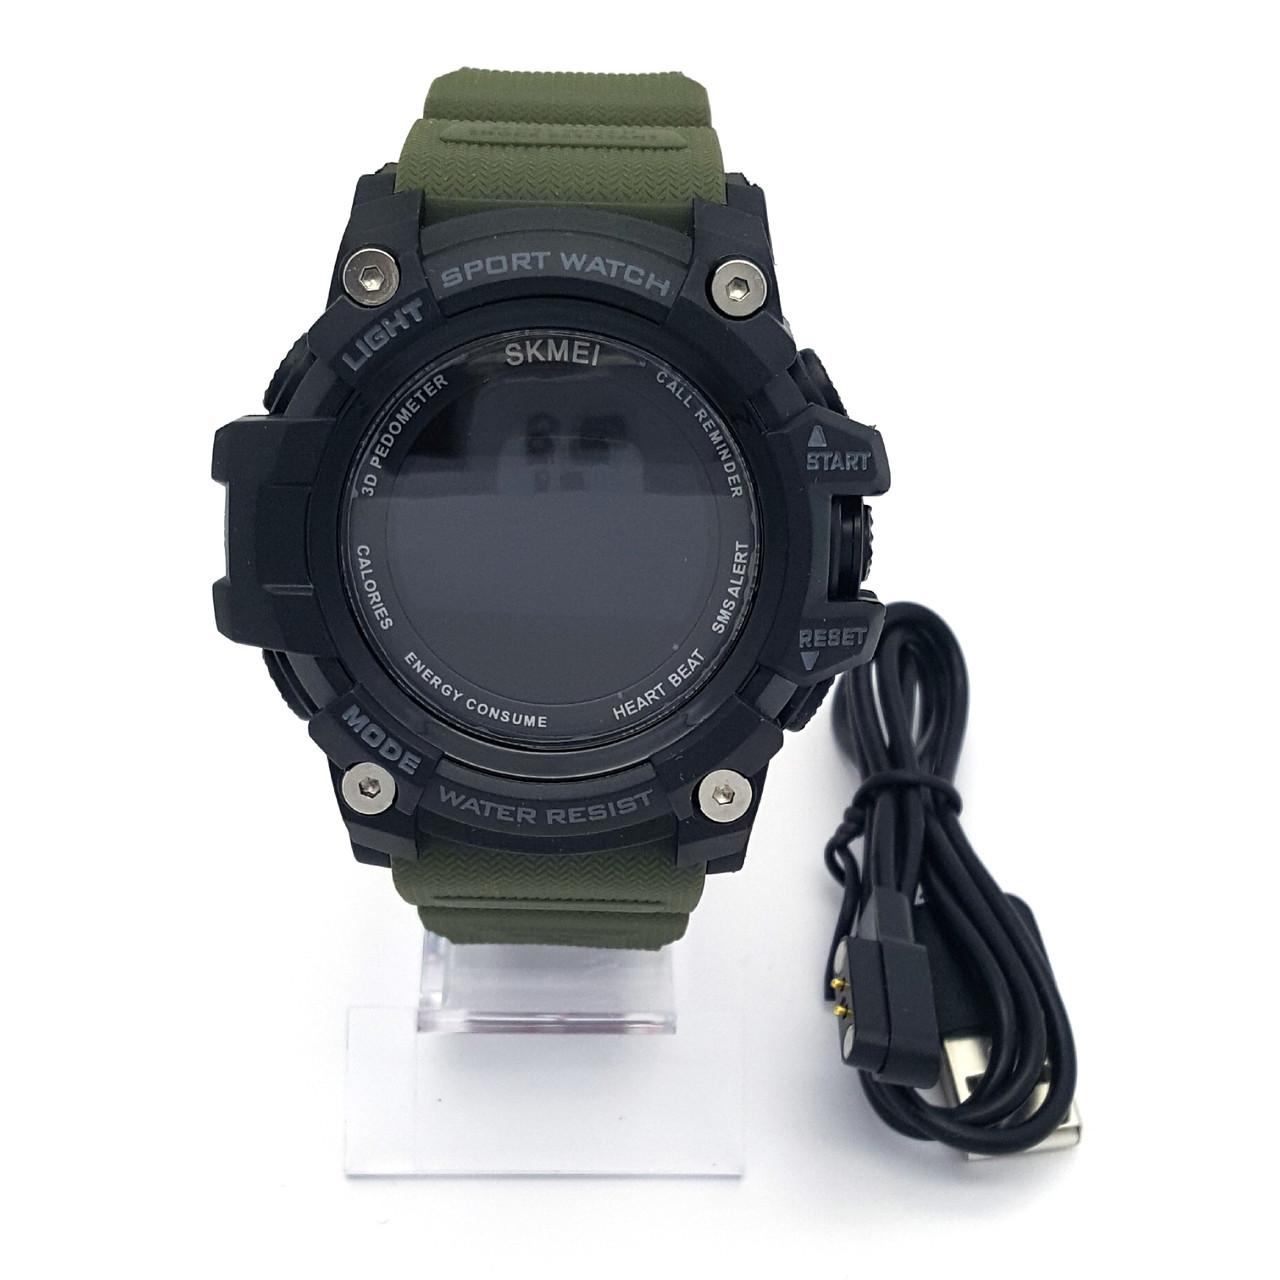 Часы Skmei Электронные на зарядке, силиконовый зеленый ремешок, длина 15-22см, циферблат  55мм